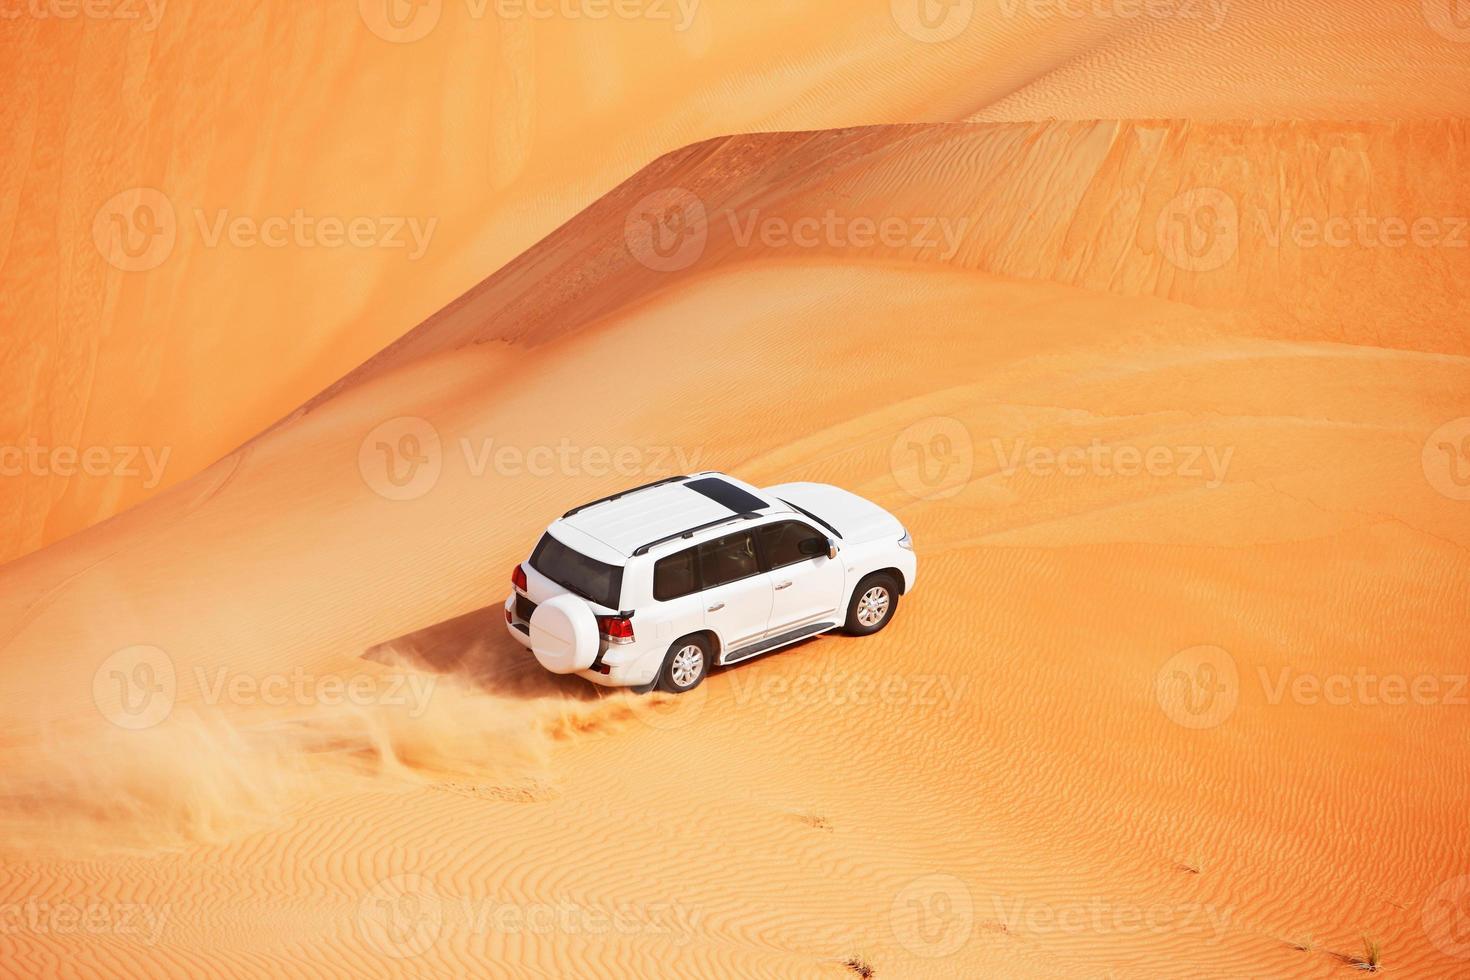 Duna 4x4 che si crogiola in un deserto arabo foto